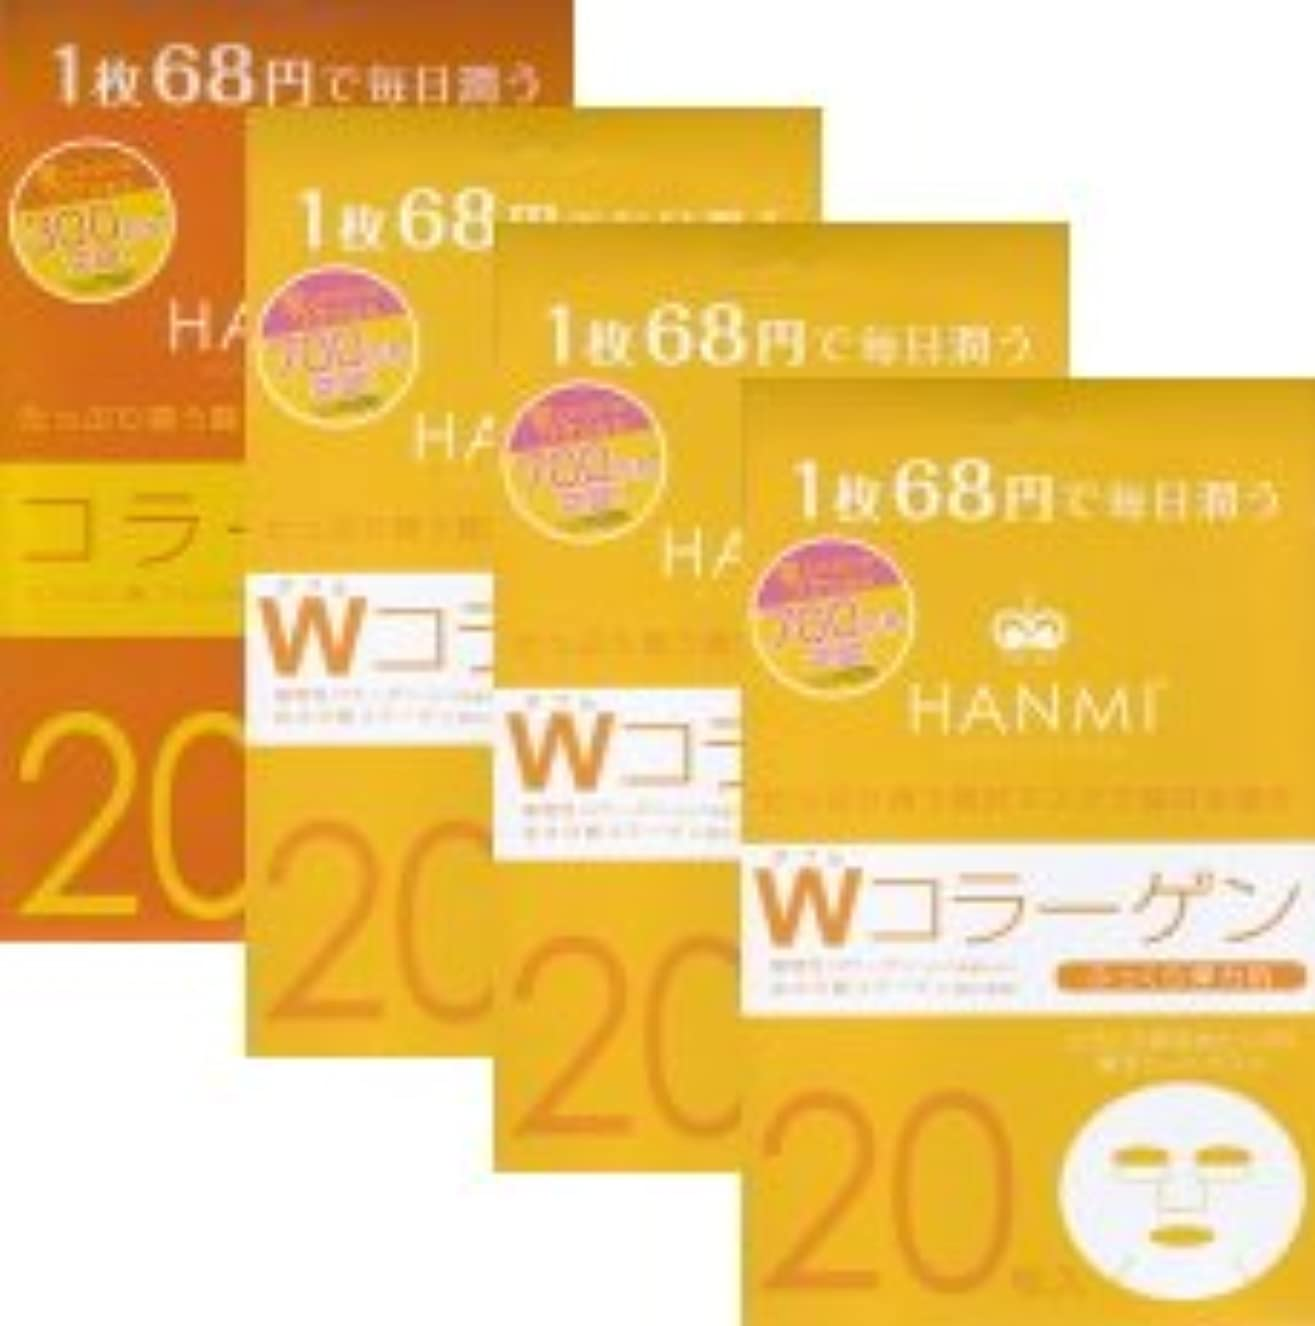 舌兵士測るMIGAKI ハンミフェイスマスク(20枚入り)「コラーゲン×1個」「Wコラーゲン×3個」の4個セット